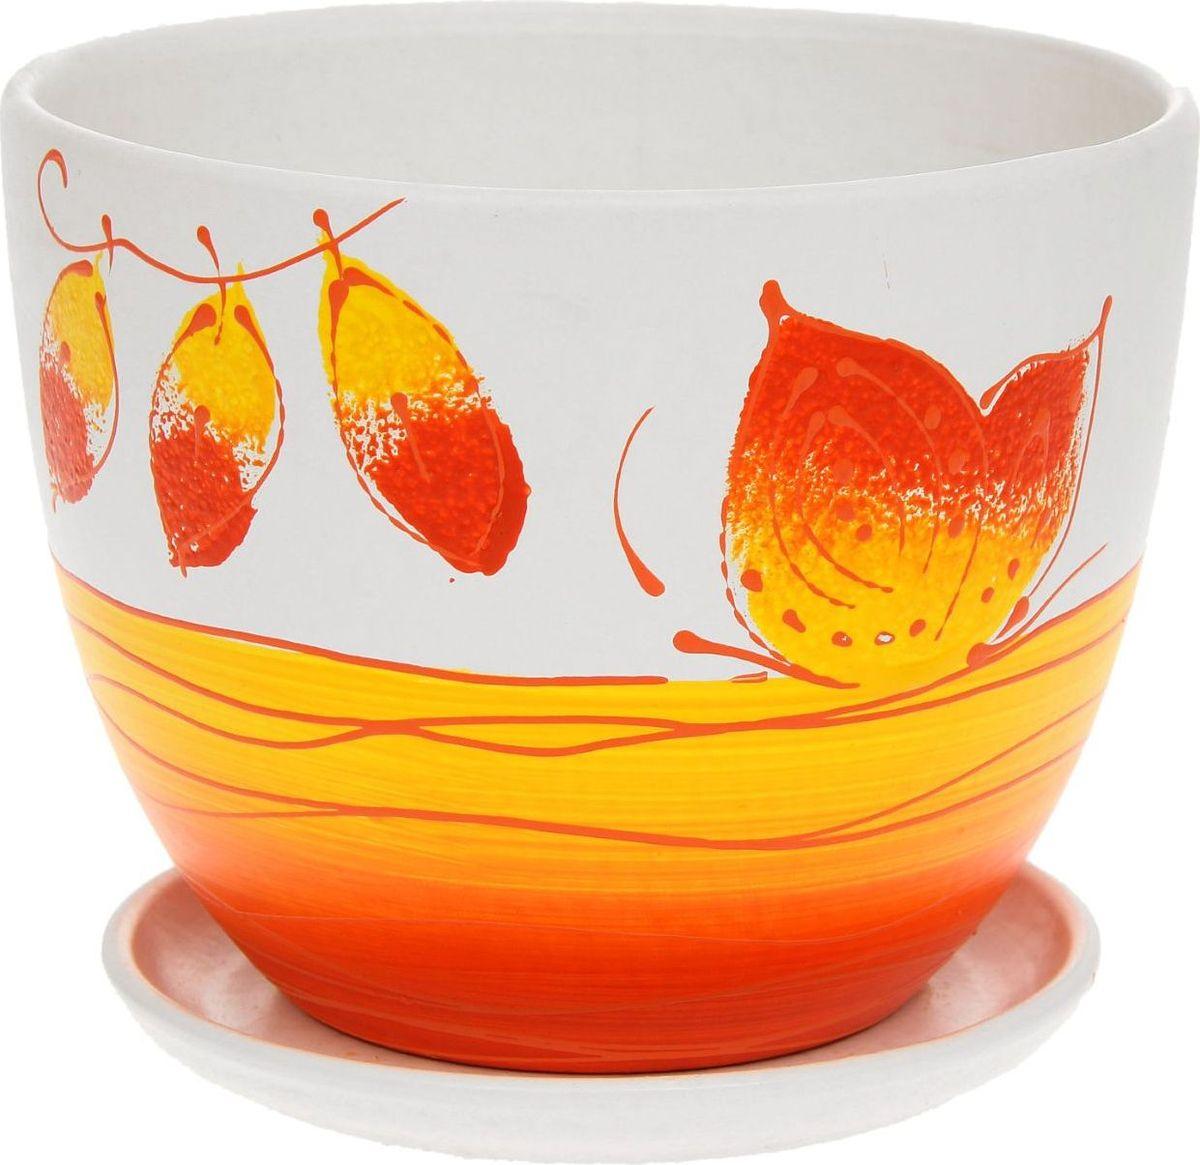 Кашпо Фантазия, цвет: красный, 2 л1138720Комнатные растения — всеобщие любимцы. Они радуют глаз, насыщают помещение кислородом и украшают пространство. Каждому из них необходим свой удобный и красивый дом. Кашпо из керамики прекрасно подходят для высадки растений: за счёт пластичности глины и разных способов обработки существует великое множество форм и дизайновпористый материал позволяет испаряться лишней влагевоздух, необходимый для дыхания корней, проникает сквозь керамические стенки! #name# позаботится о зелёном питомце, освежит интерьер и подчеркнёт его стиль.